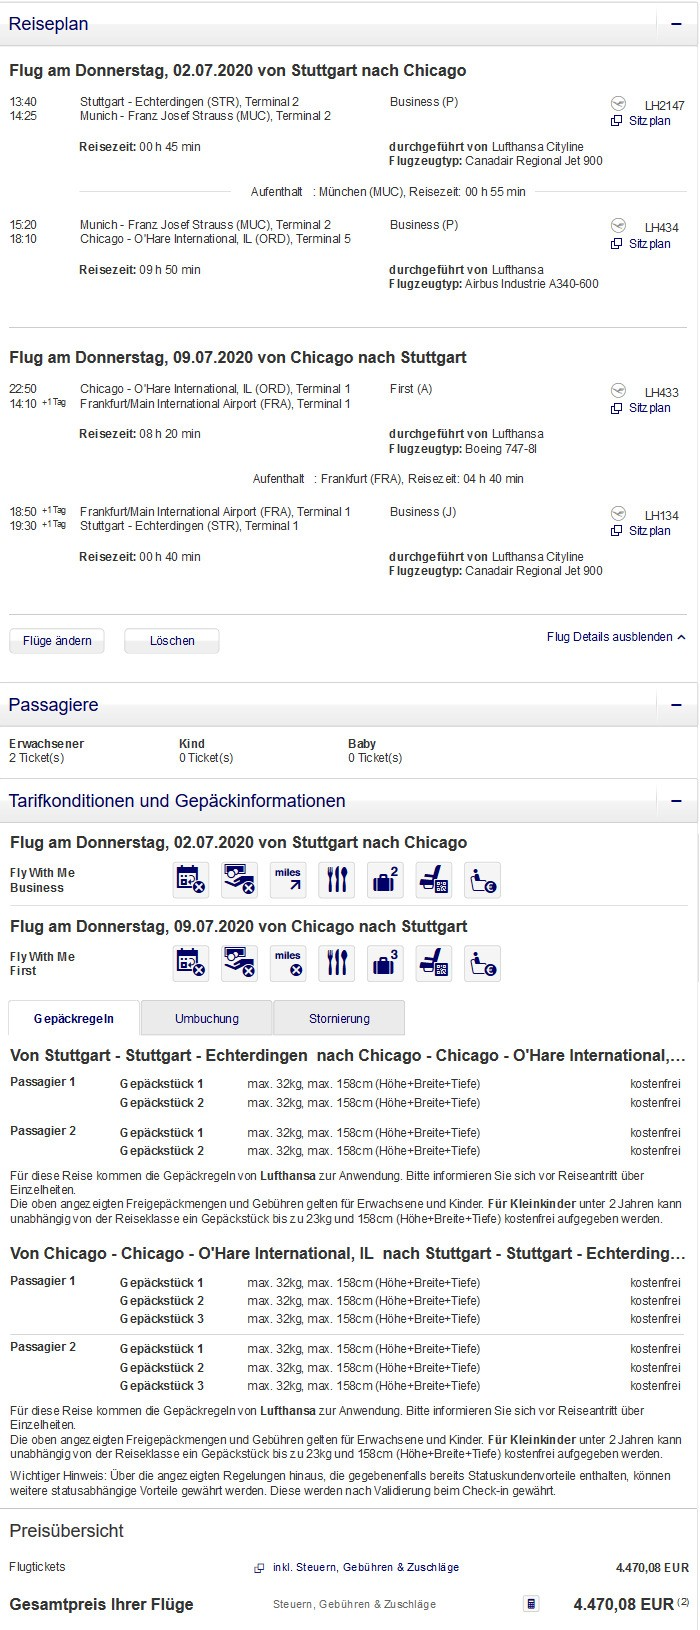 Preisbeispiel für Partnertarif von Stuttgart nach Chicago in der Lufthansa First-Class